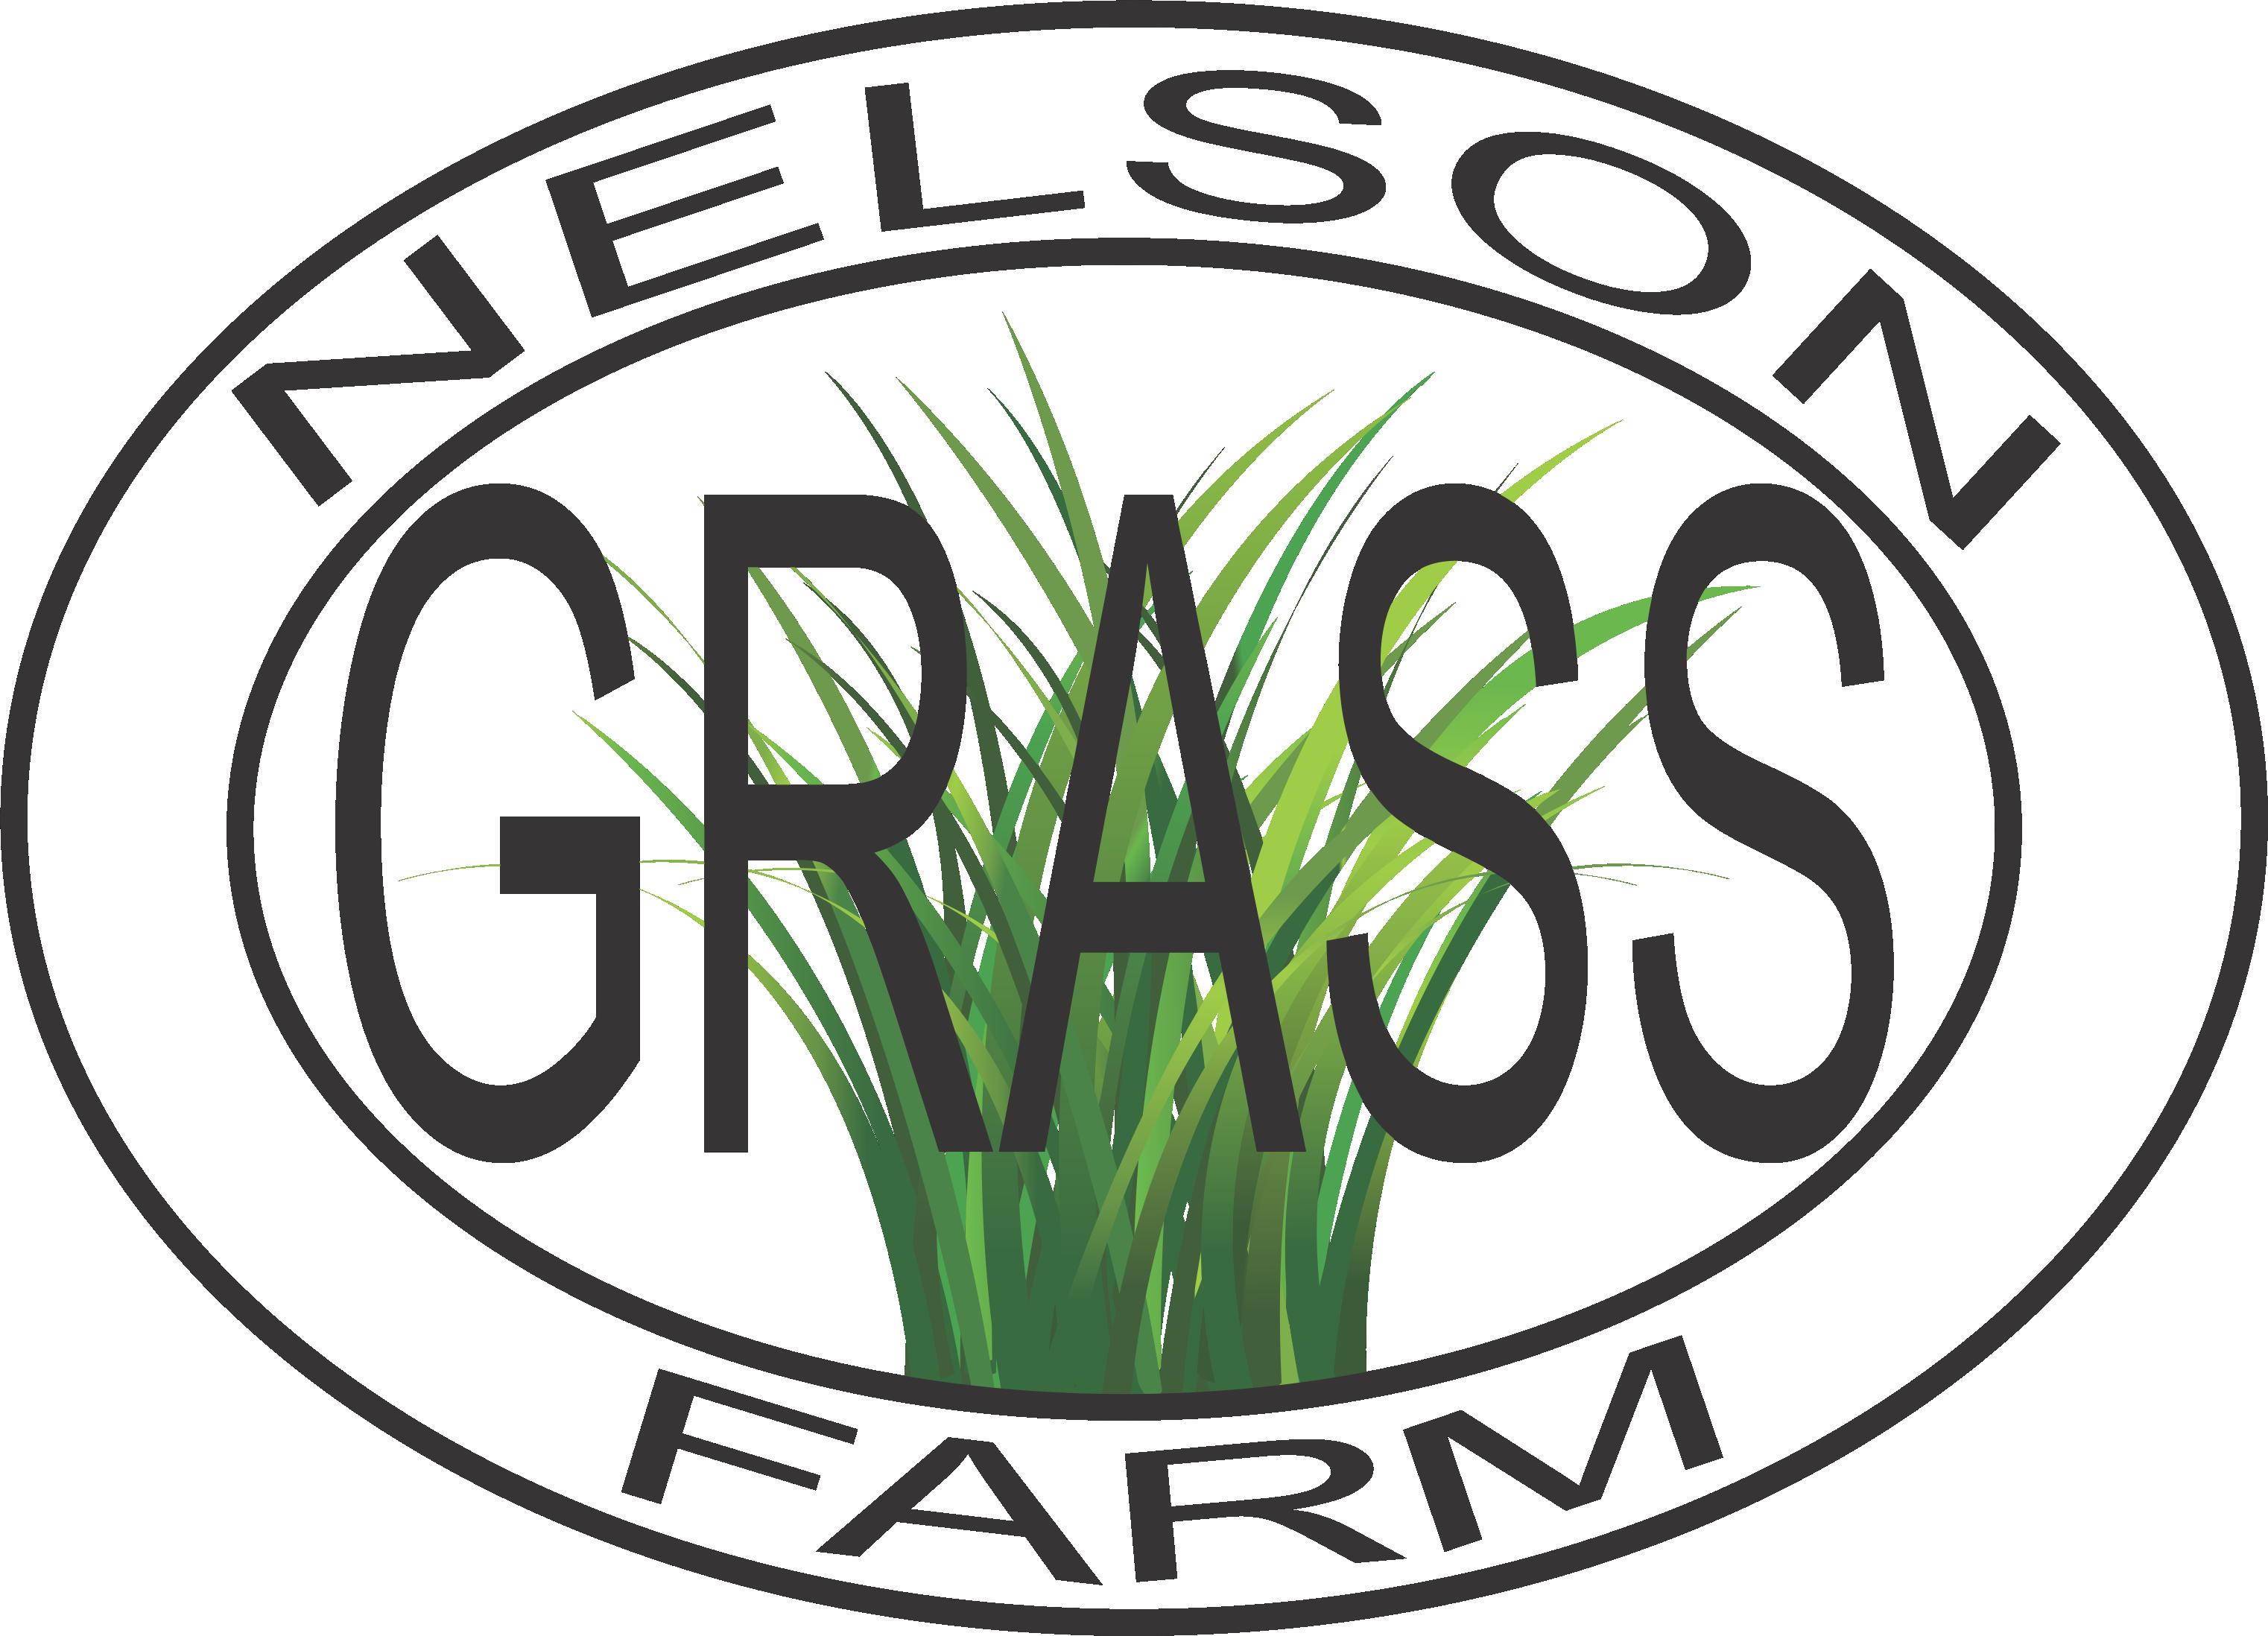 Nelson Grass Farm Logo